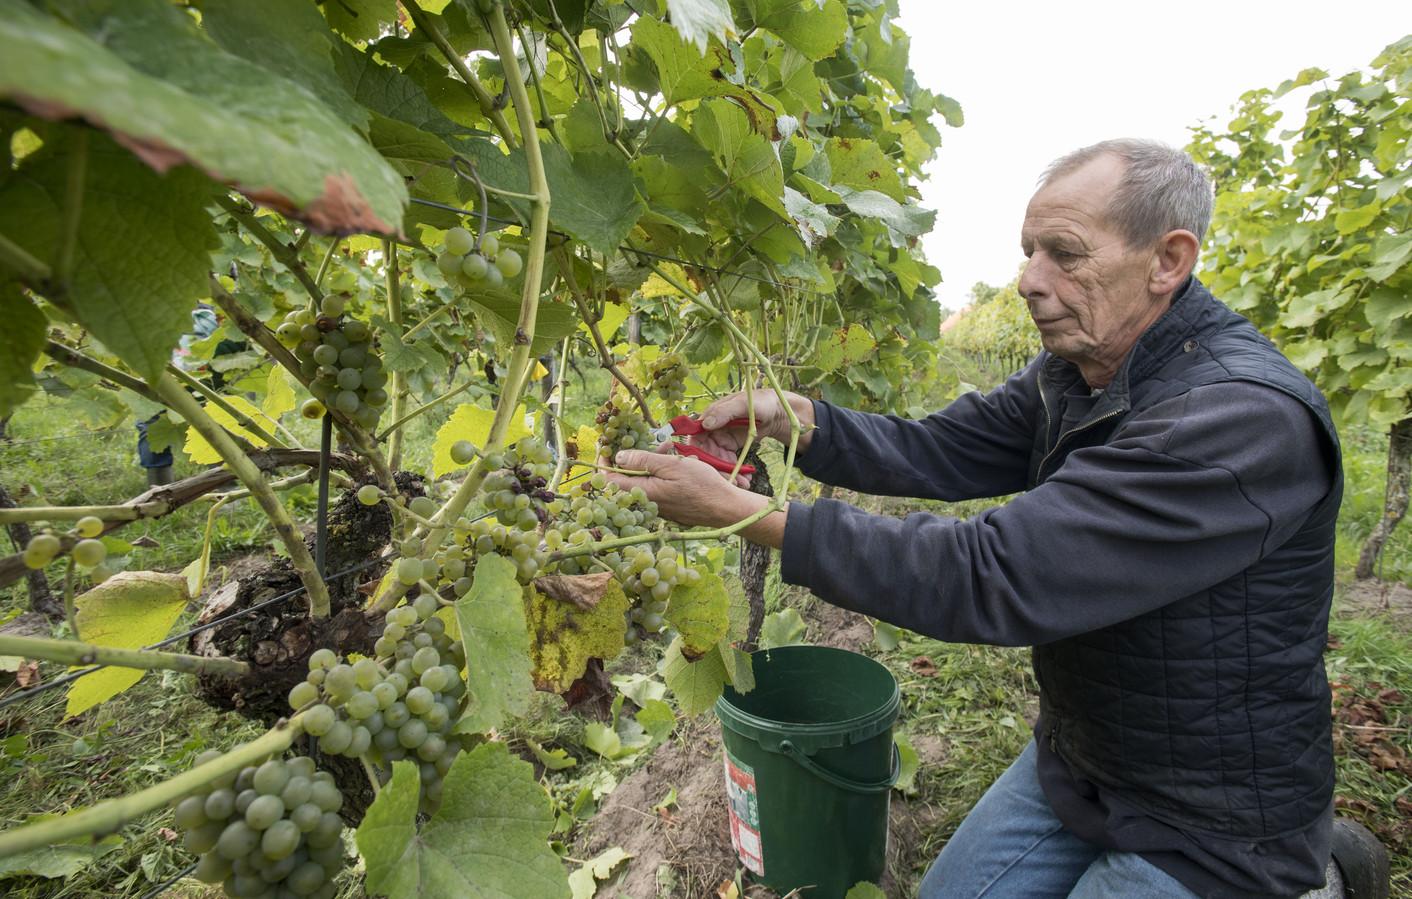 Wijnboer Jan Zieverink bezig met het oogsten van druiven.